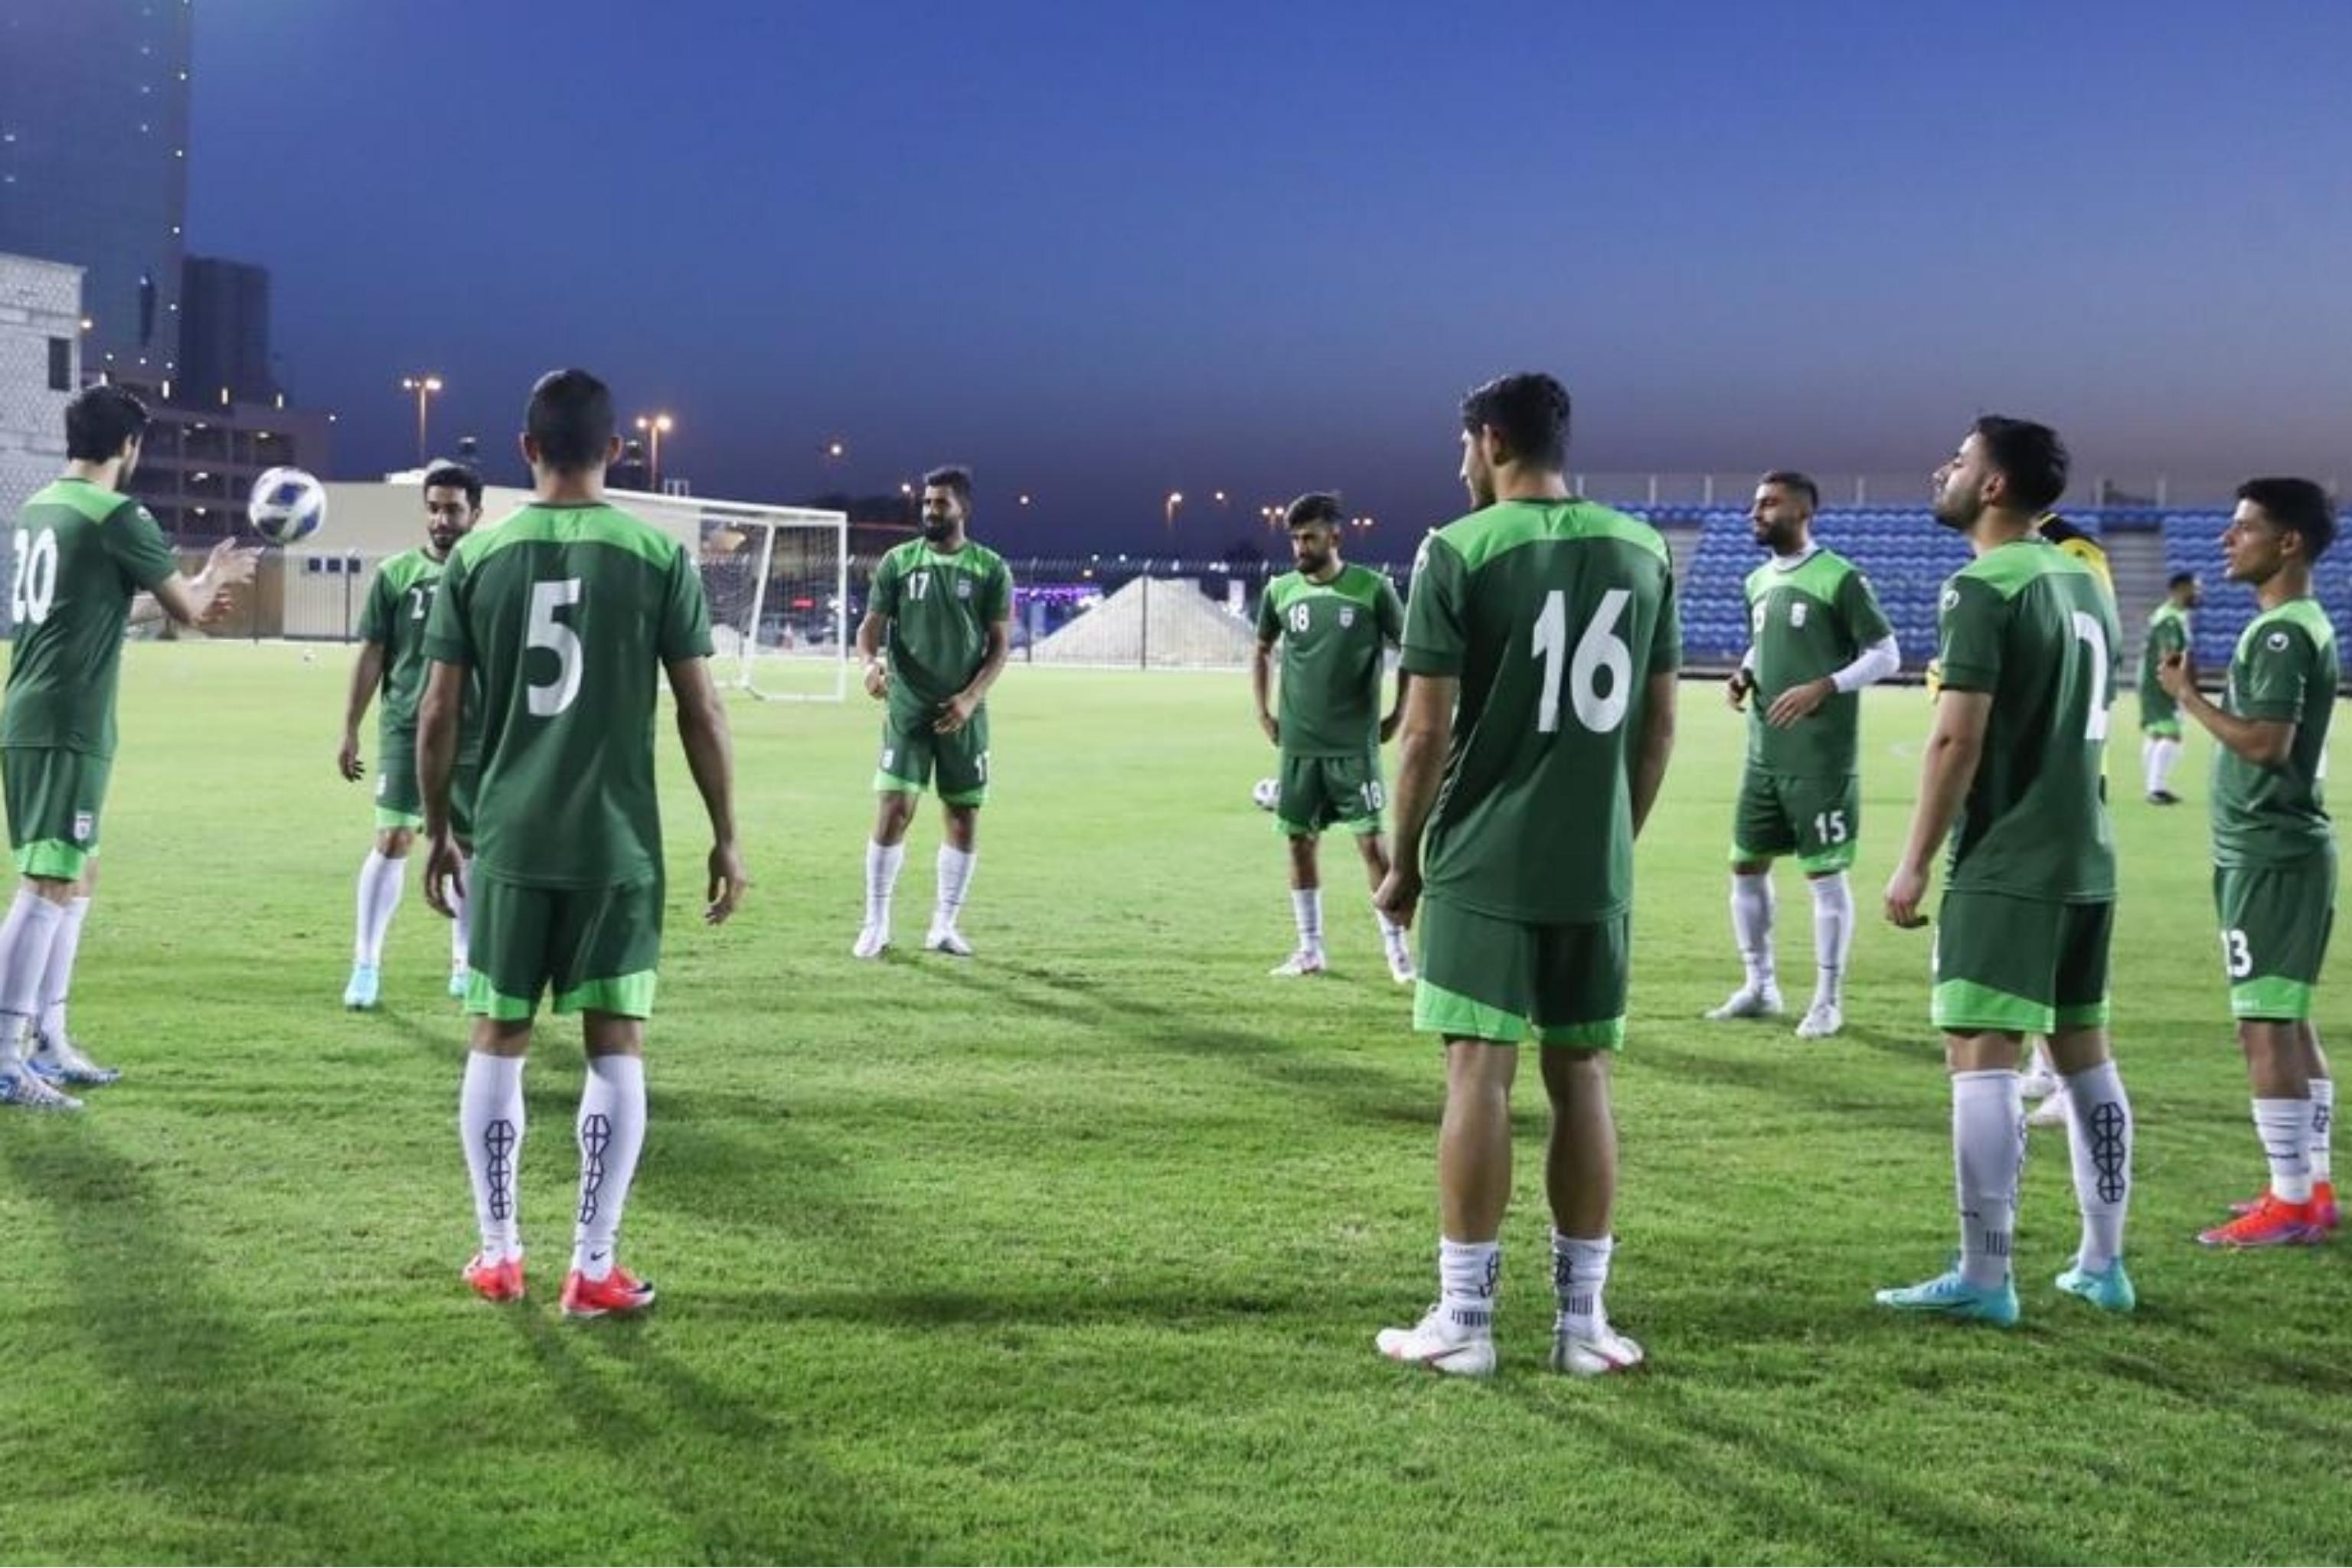 ساعت و تاریخ ۴مسابقه ایران در مقدماتی جام جهانی